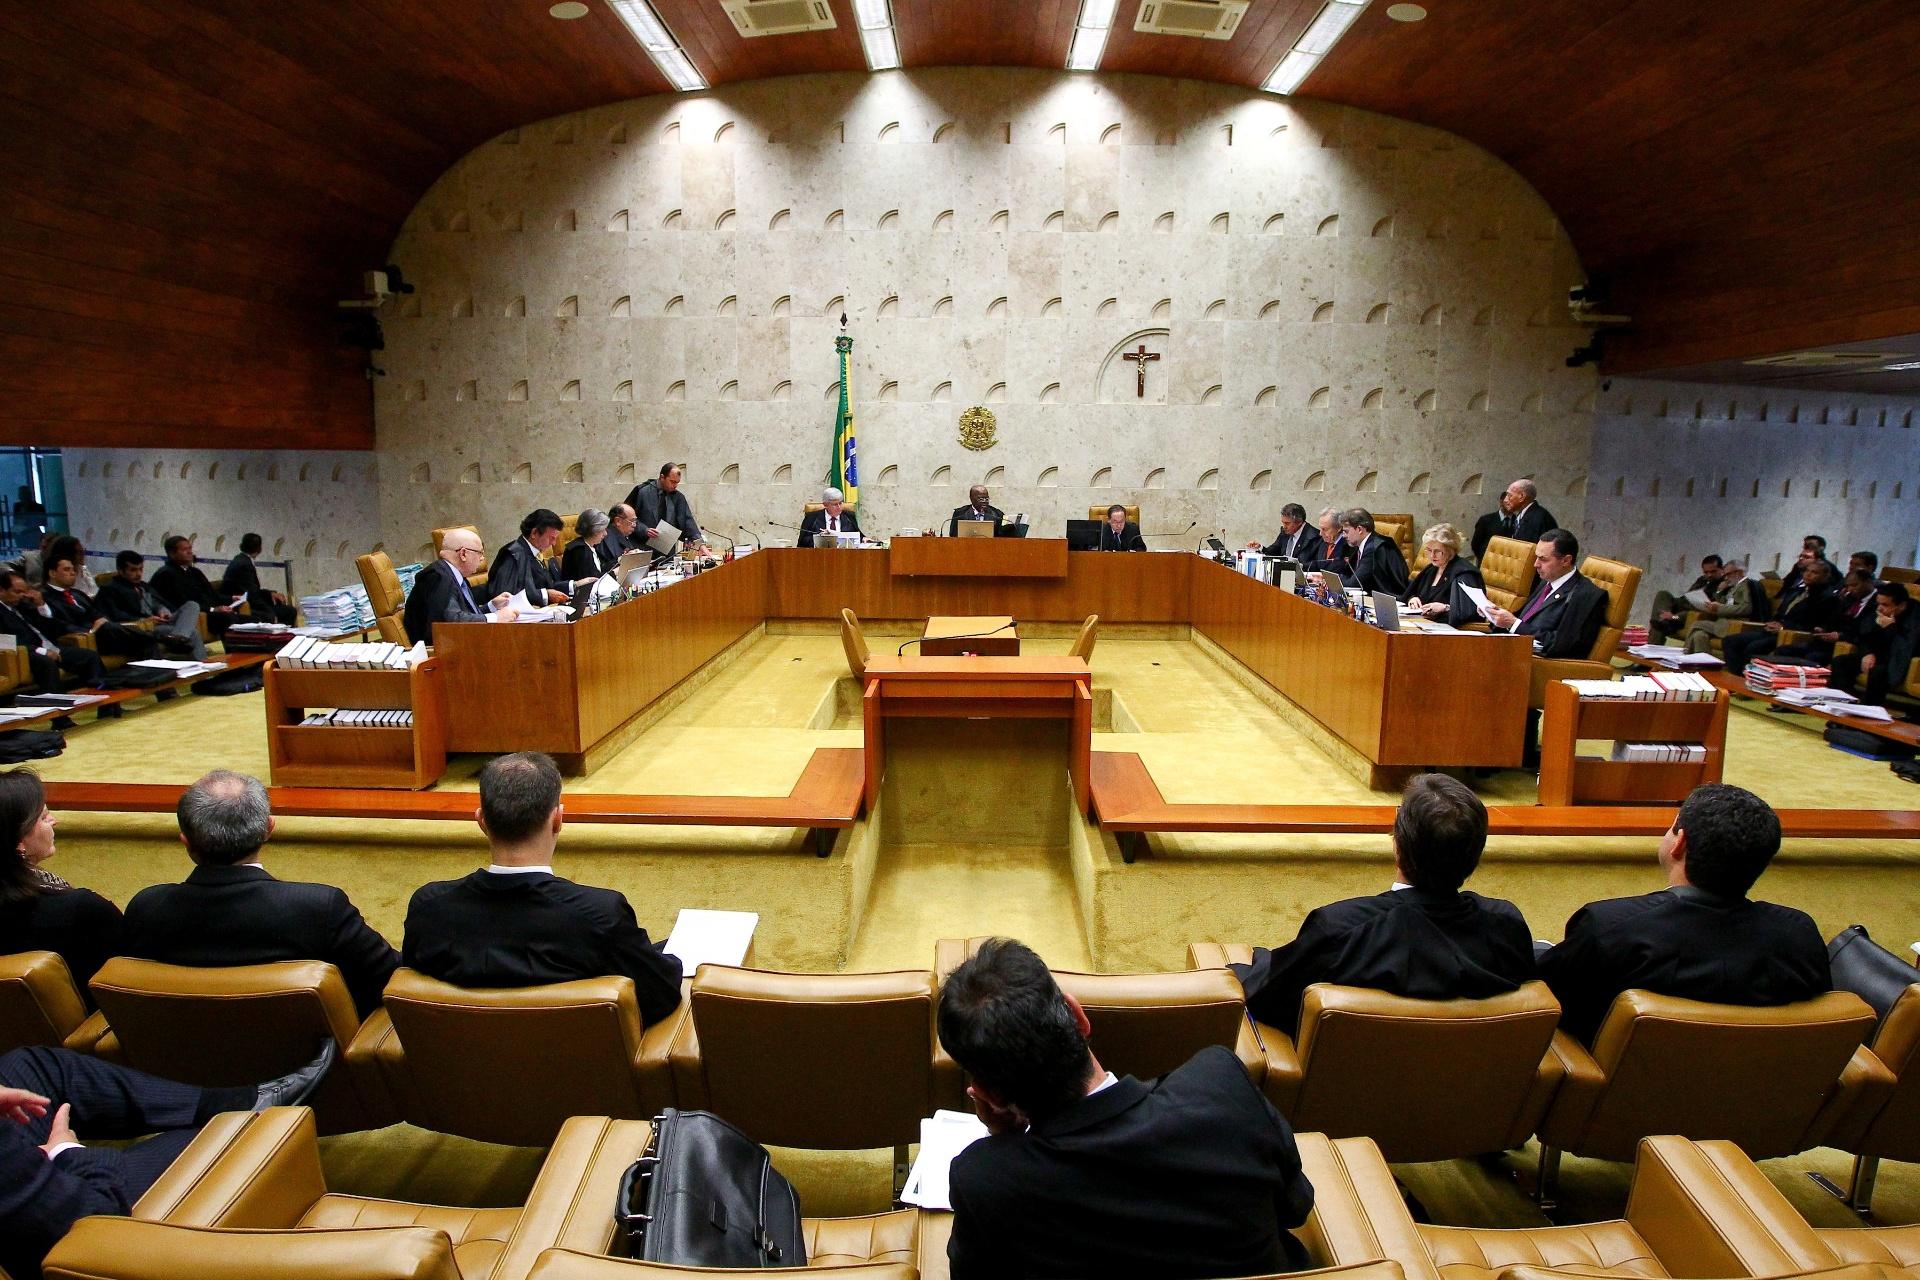 f9cbcb9049d Quem são e como votam os ministros do Supremo Tribunal Federal - 31 03 2016  - UOL Notícias